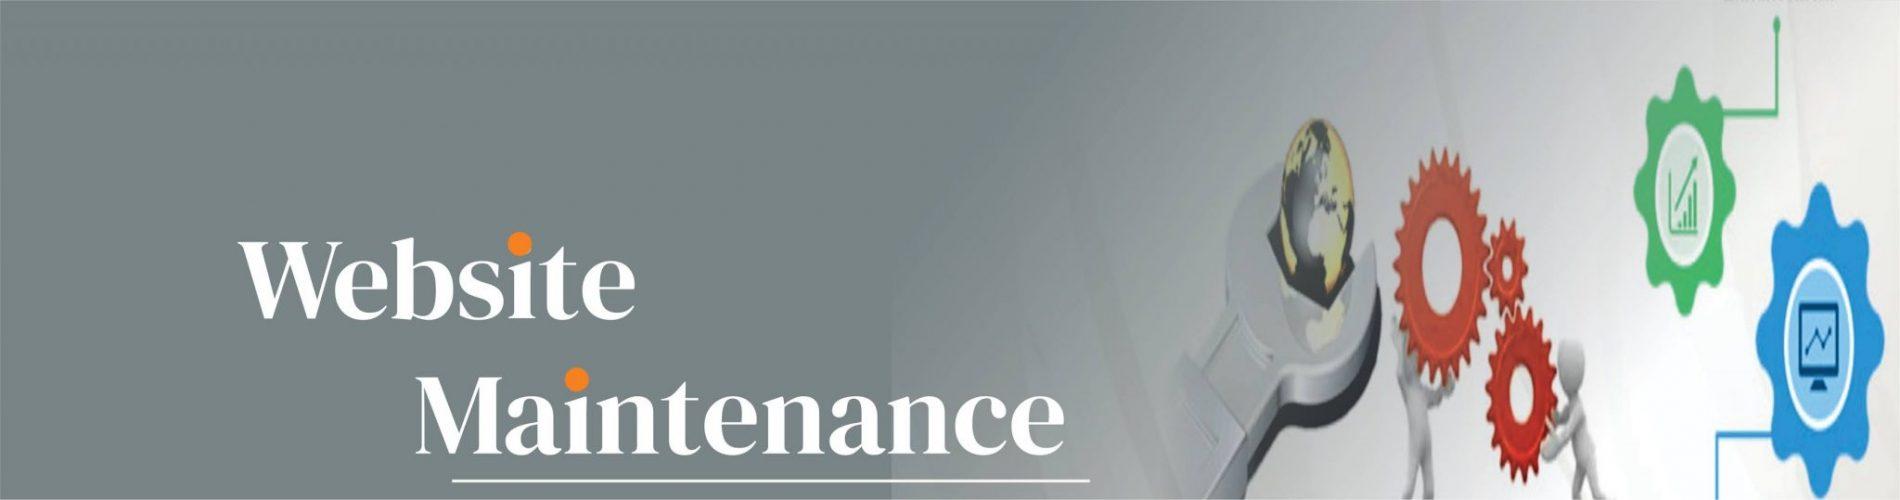 Website Maintenance Services in Chandigarh